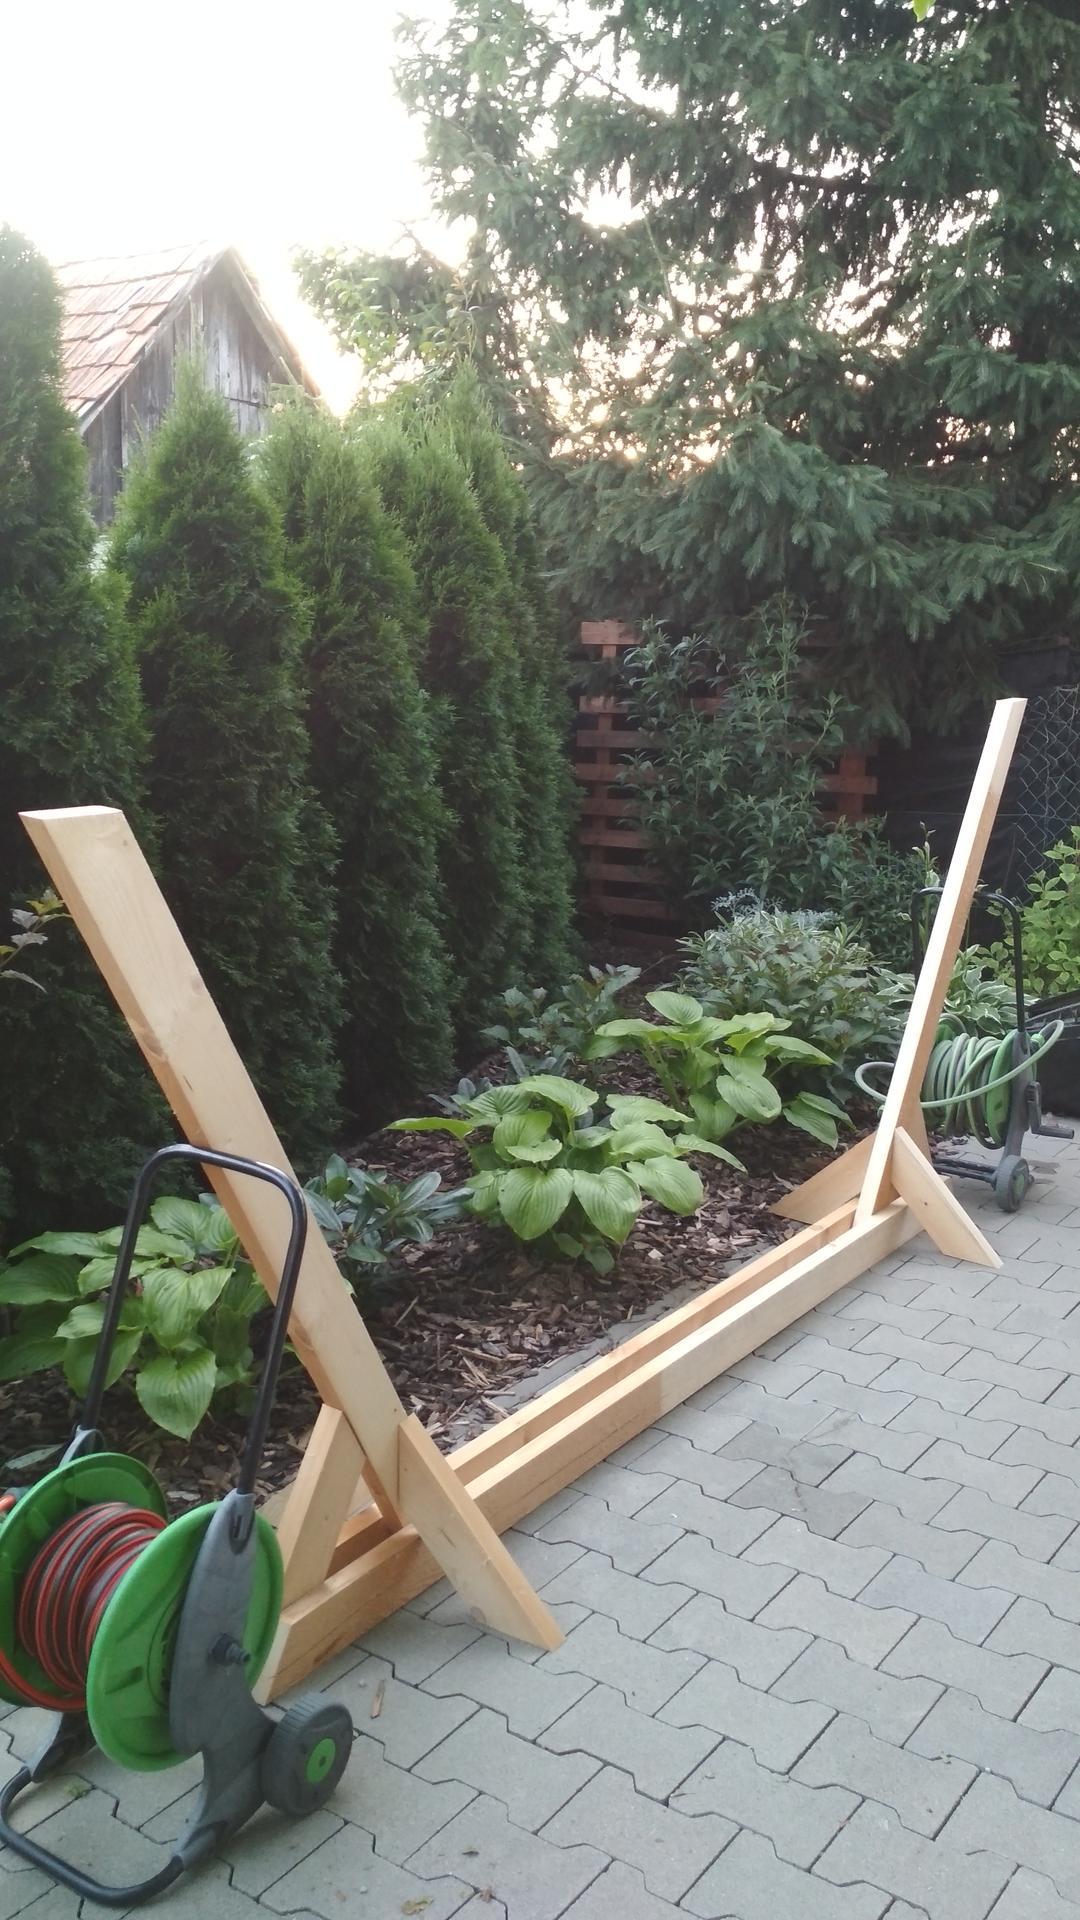 Drevený stojan na hojdaciu sieť... relax v záhrade - Obrázok č. 13